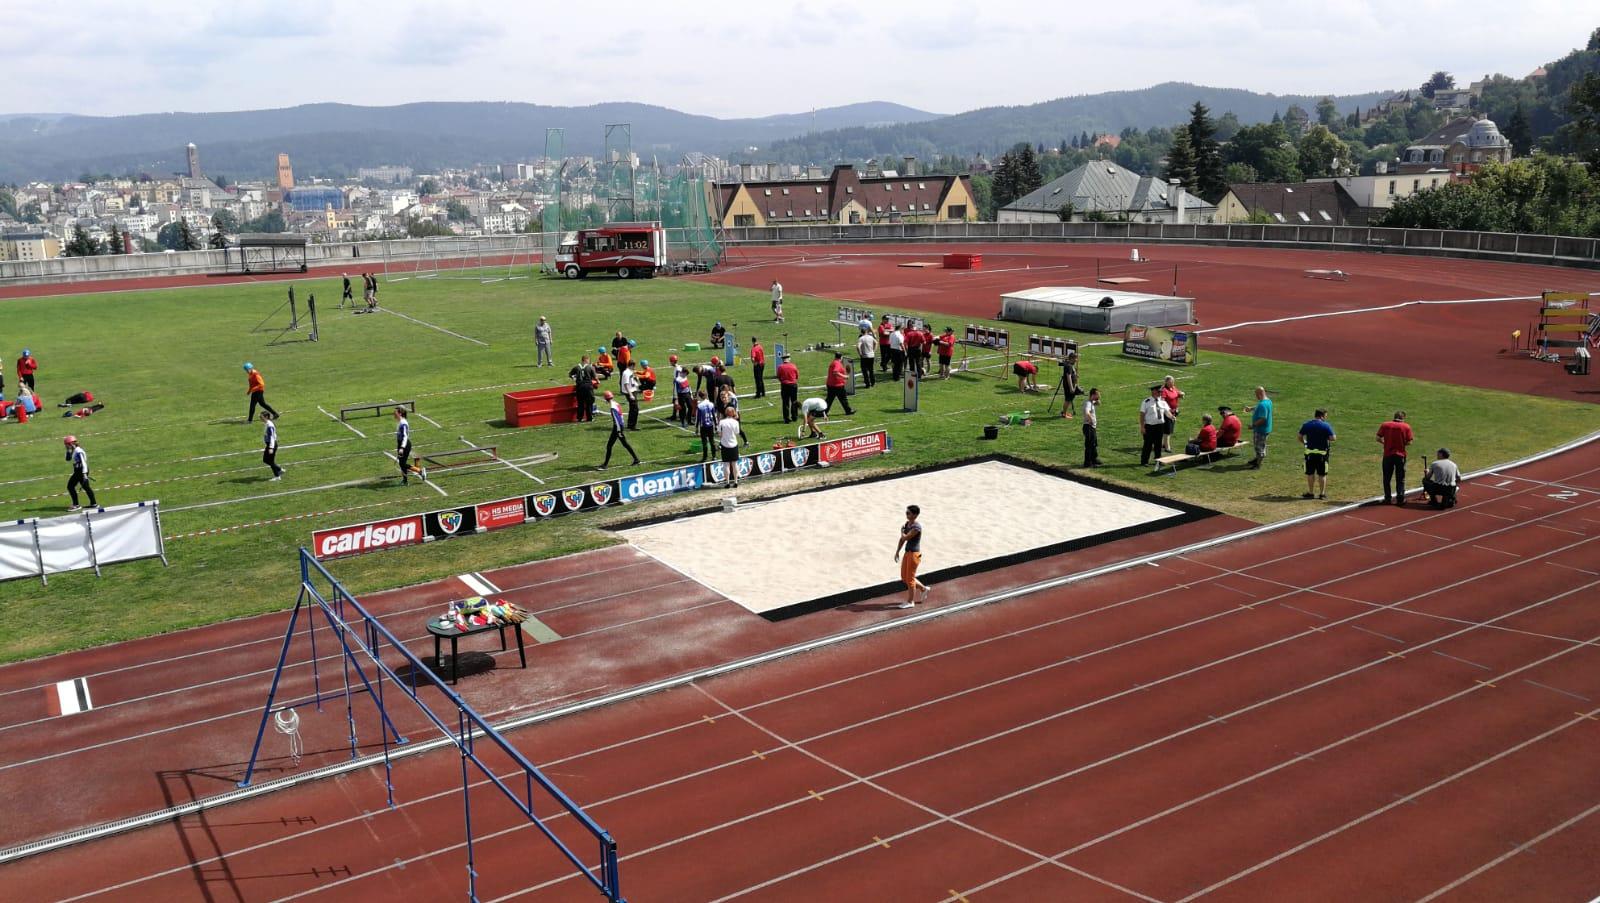 Stadion Střelnice Jablonec nad Nisou